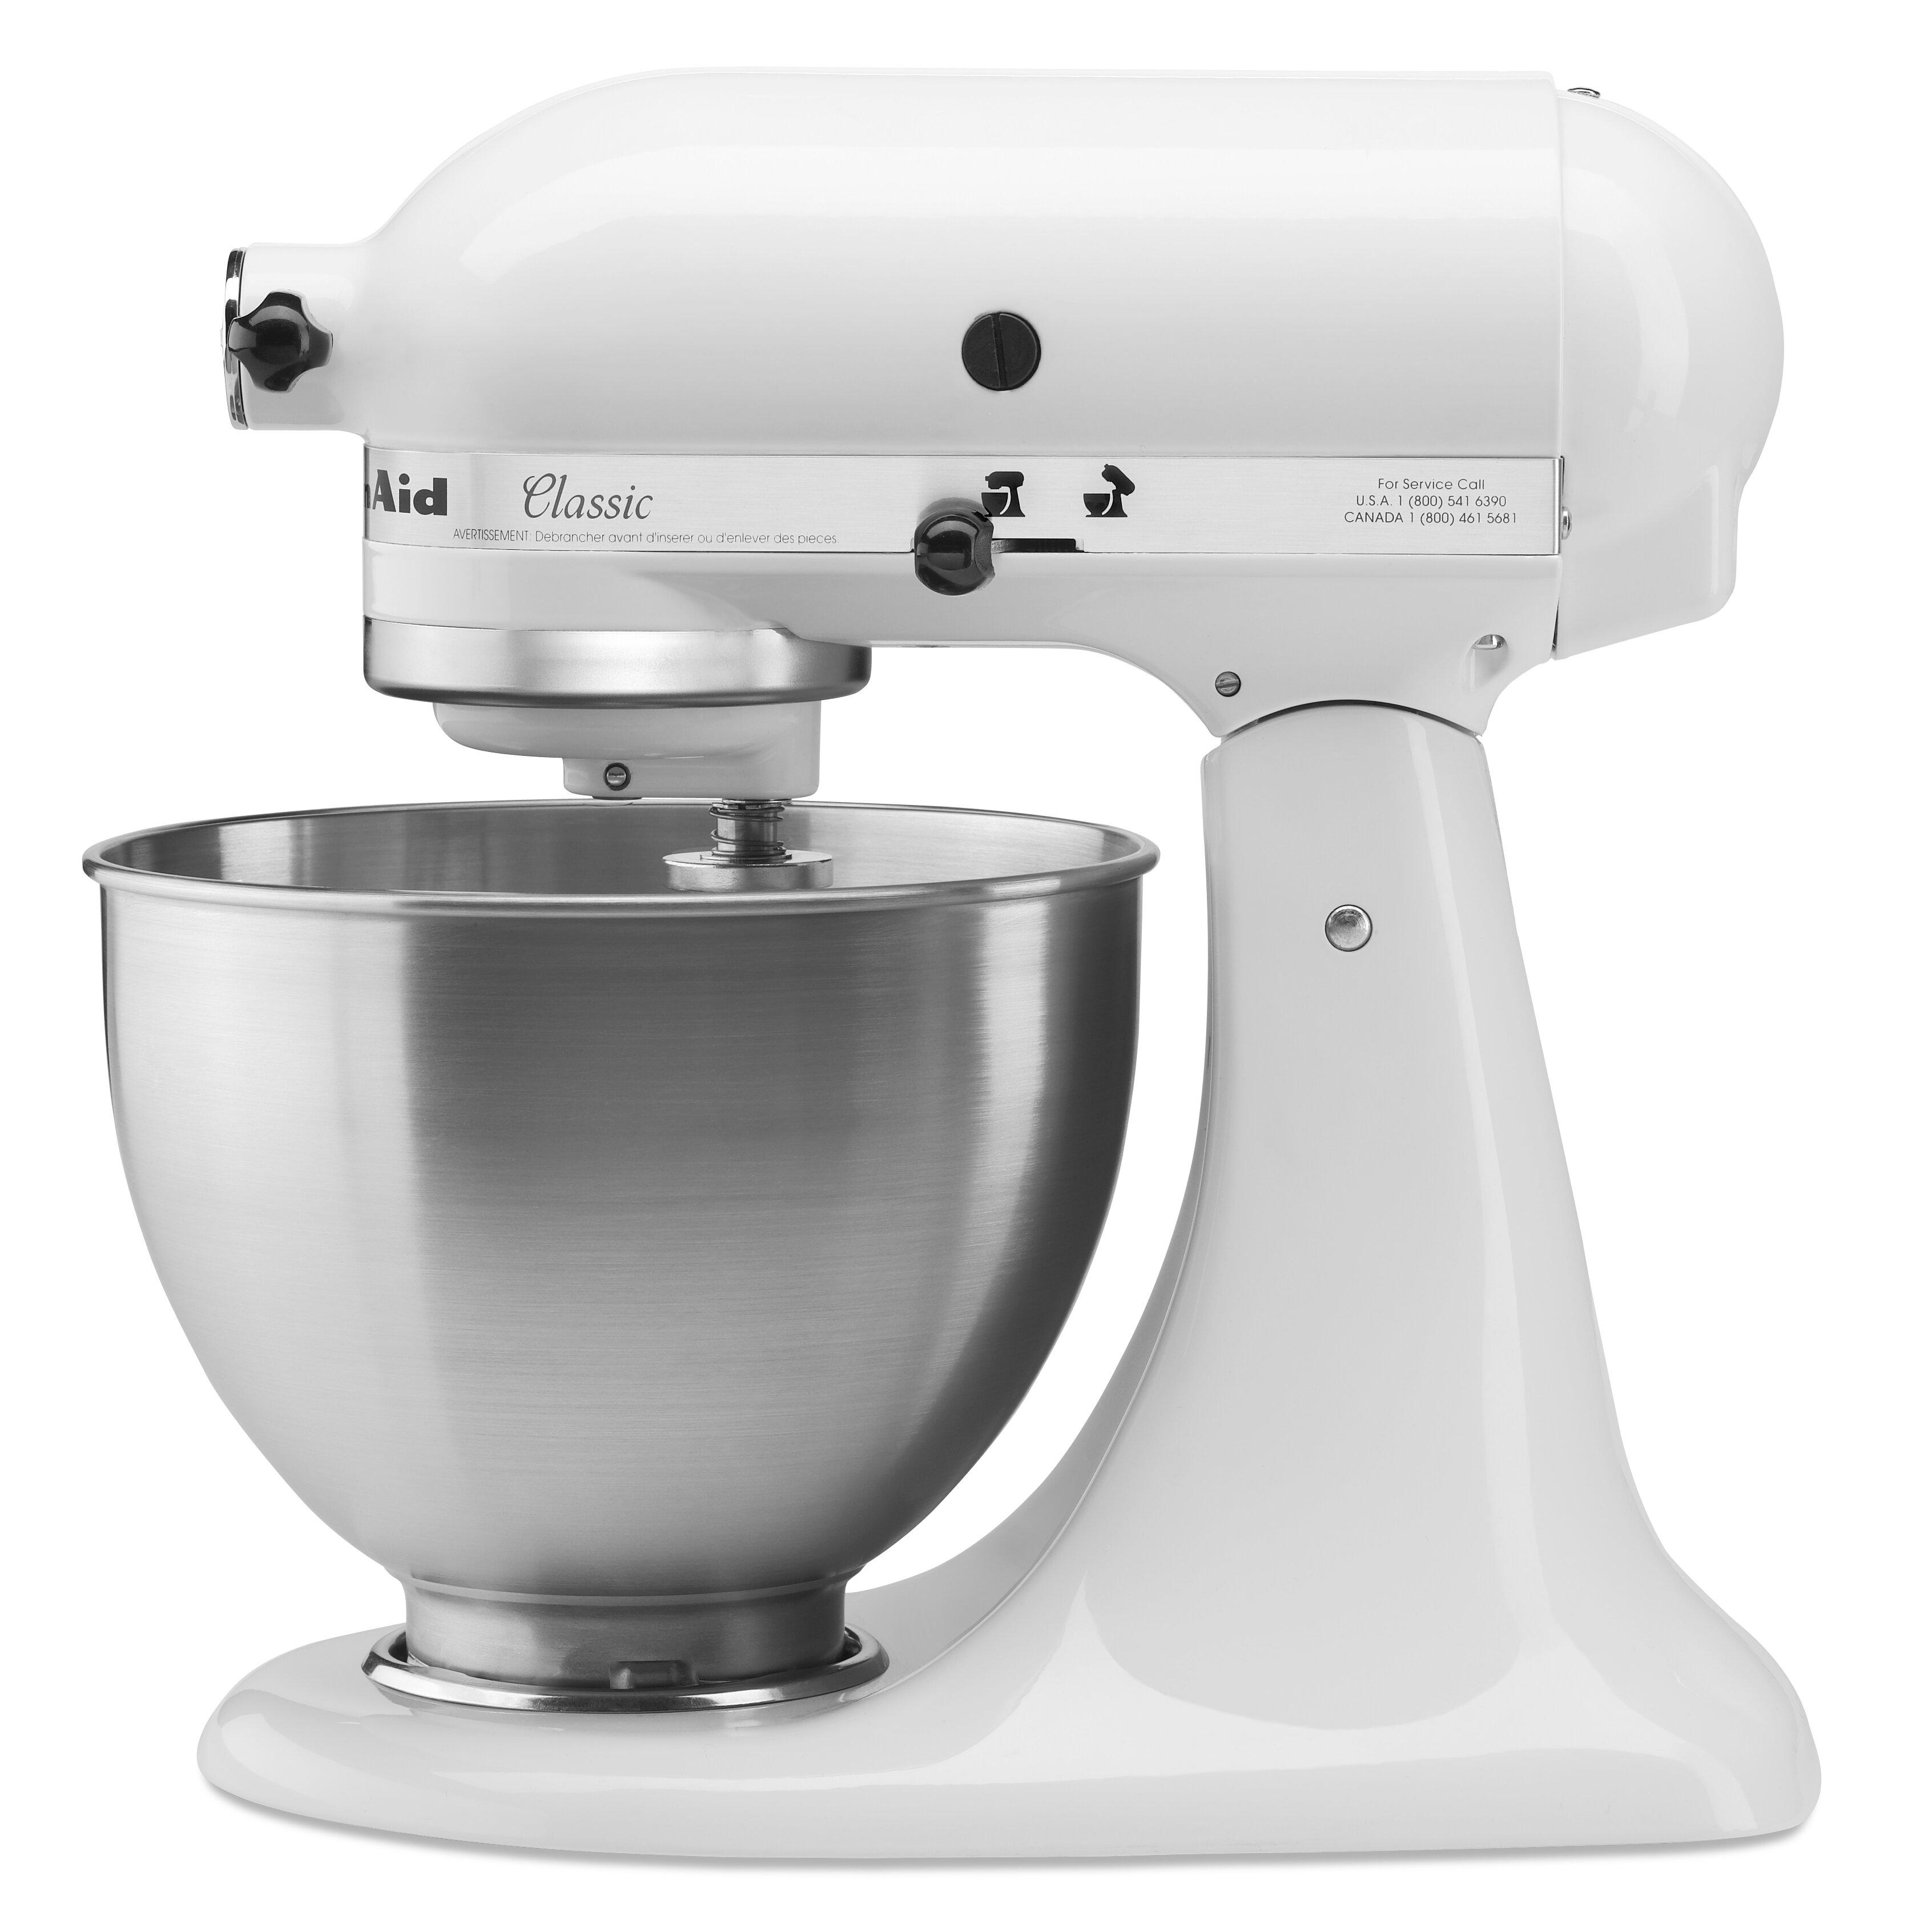 Kitchenaid classic series 4 5 qt stand mixer reviews wayfair - Kitchenaid qt mixer review ...